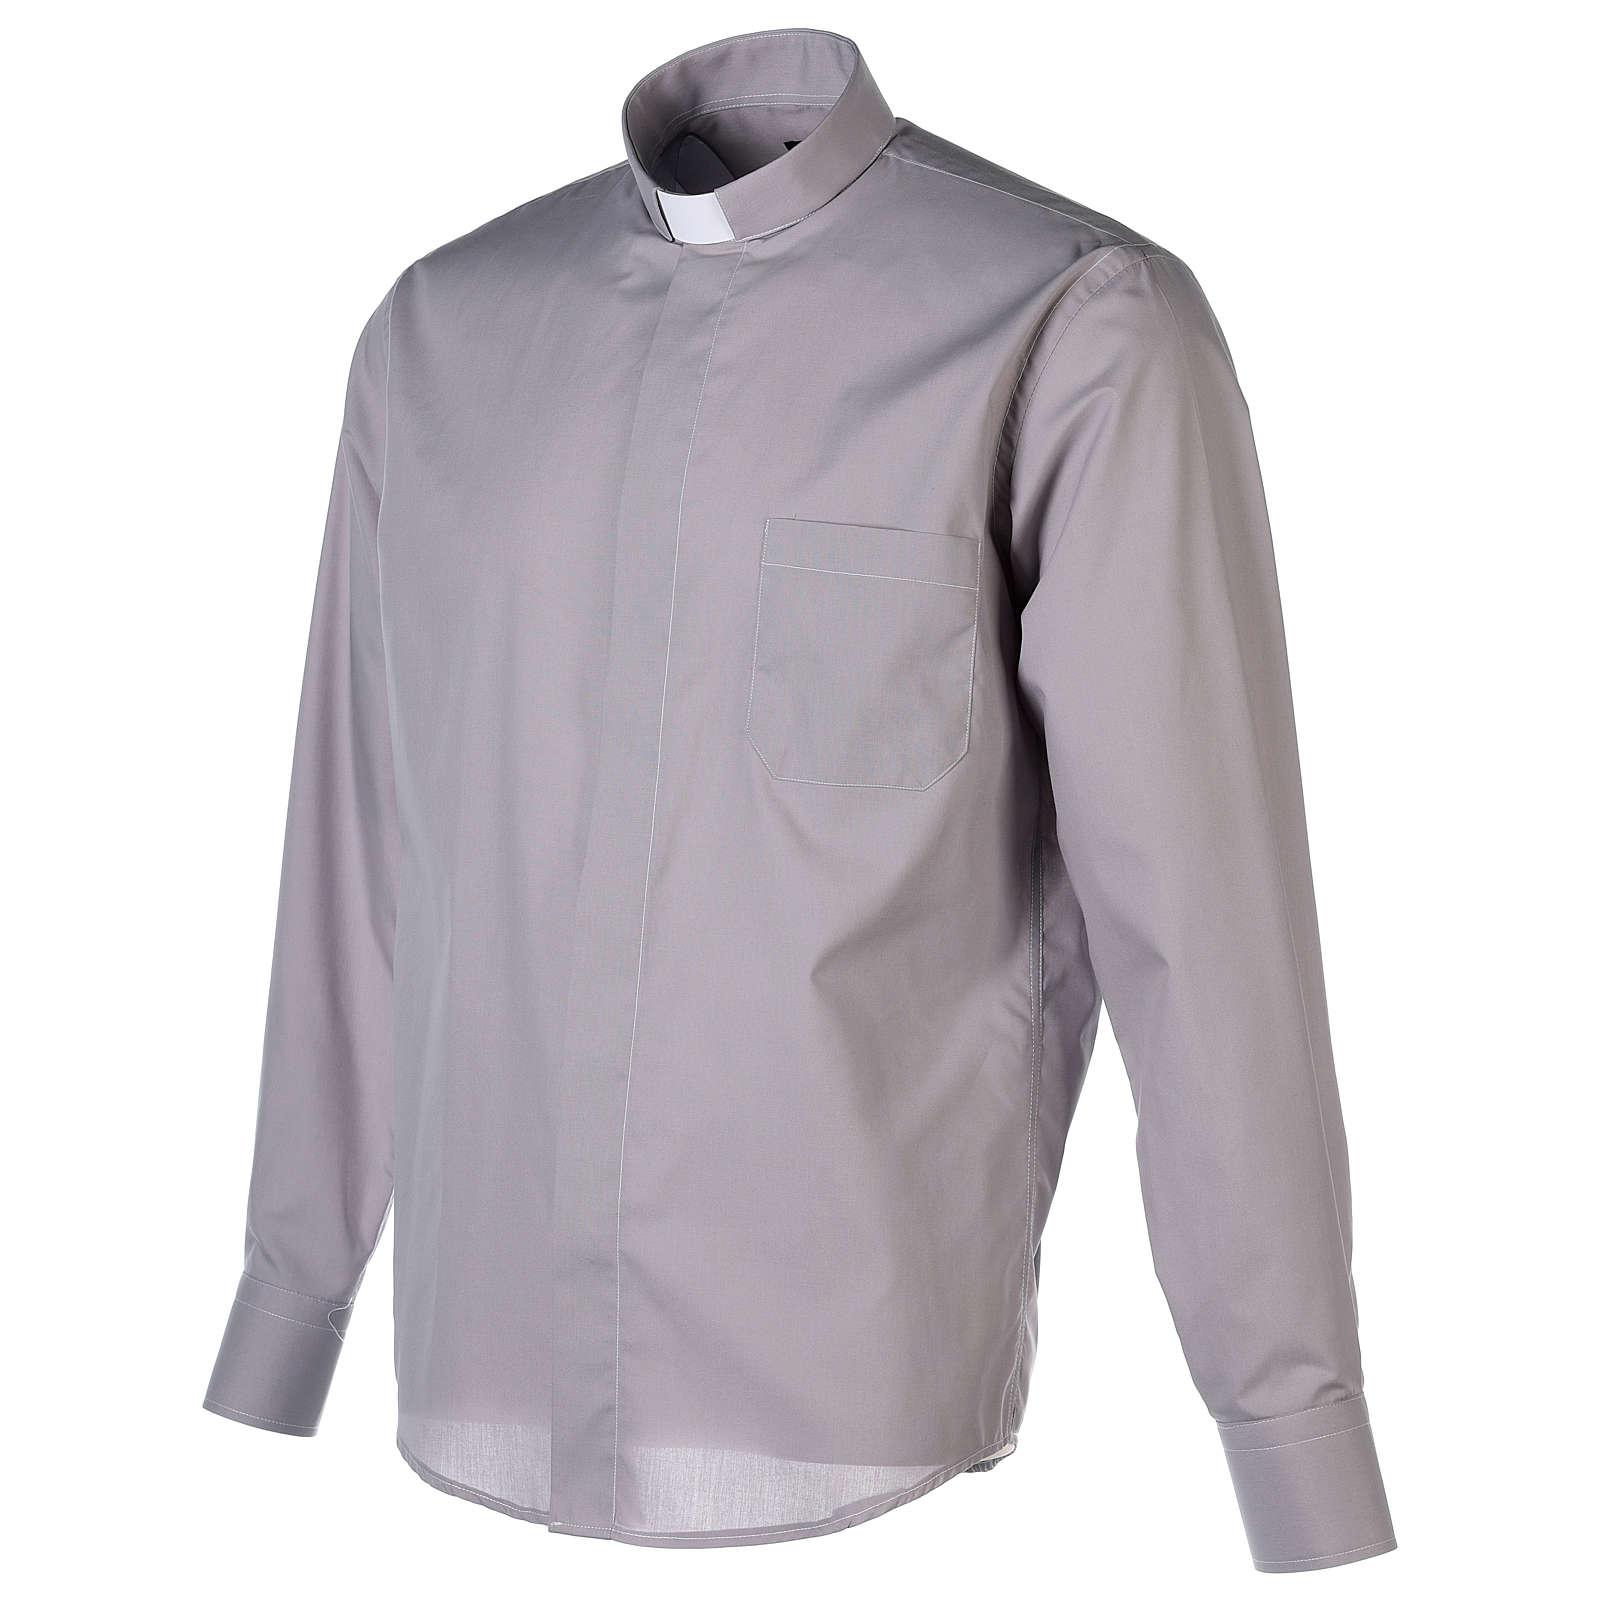 Chemise clergy m. longues couleur unie Mixte coton Gris clair 4